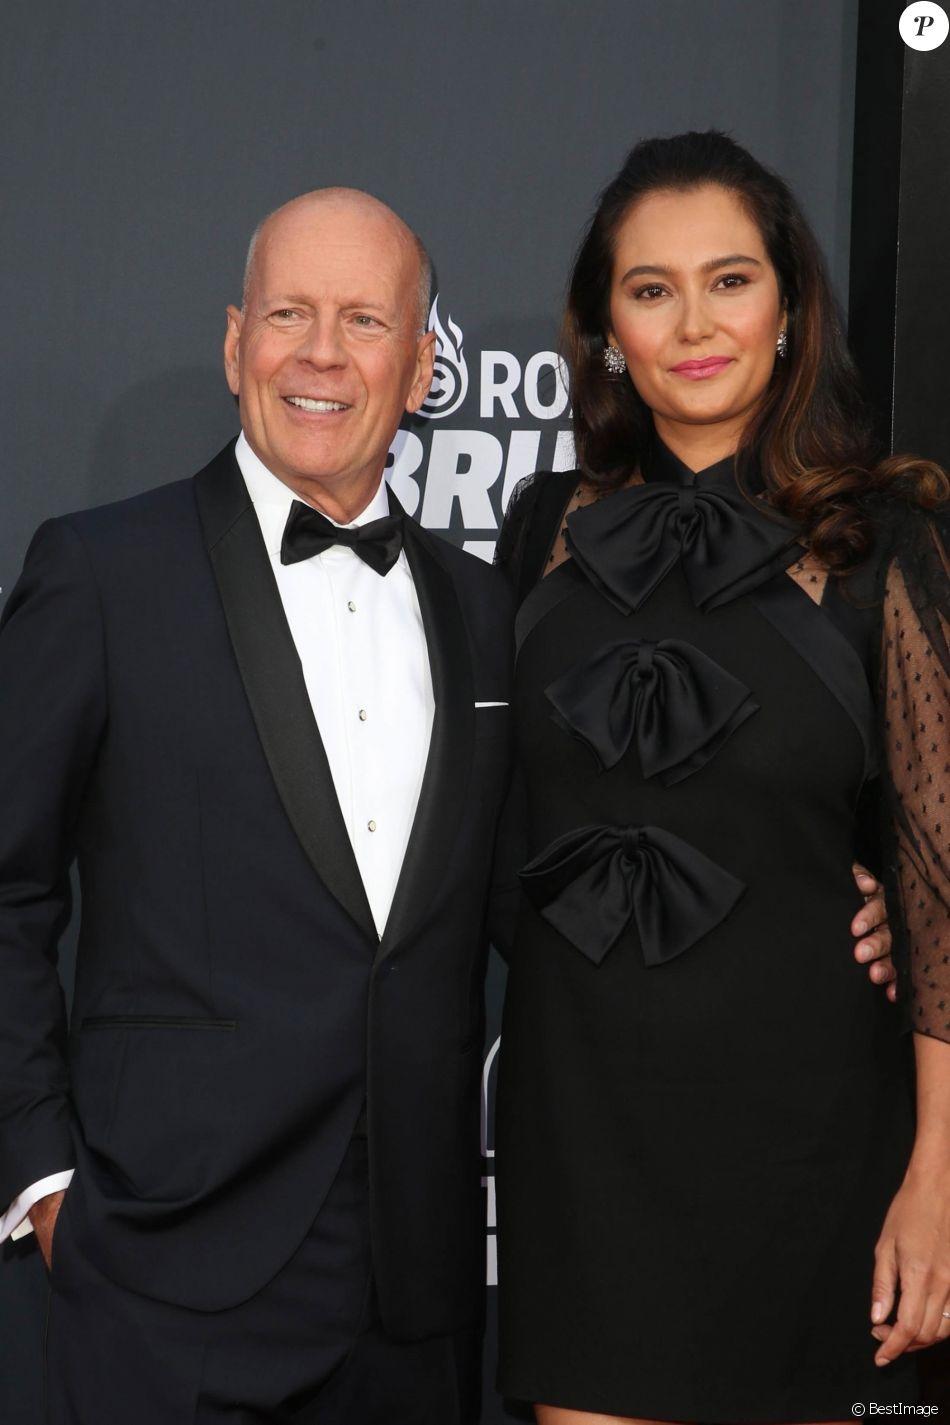 Bruce Willis et sa femme Emma Heming à la soirée Comedy Central Roast Of B. Willis au Palladium à Hollywood, le 14 juillet 2018